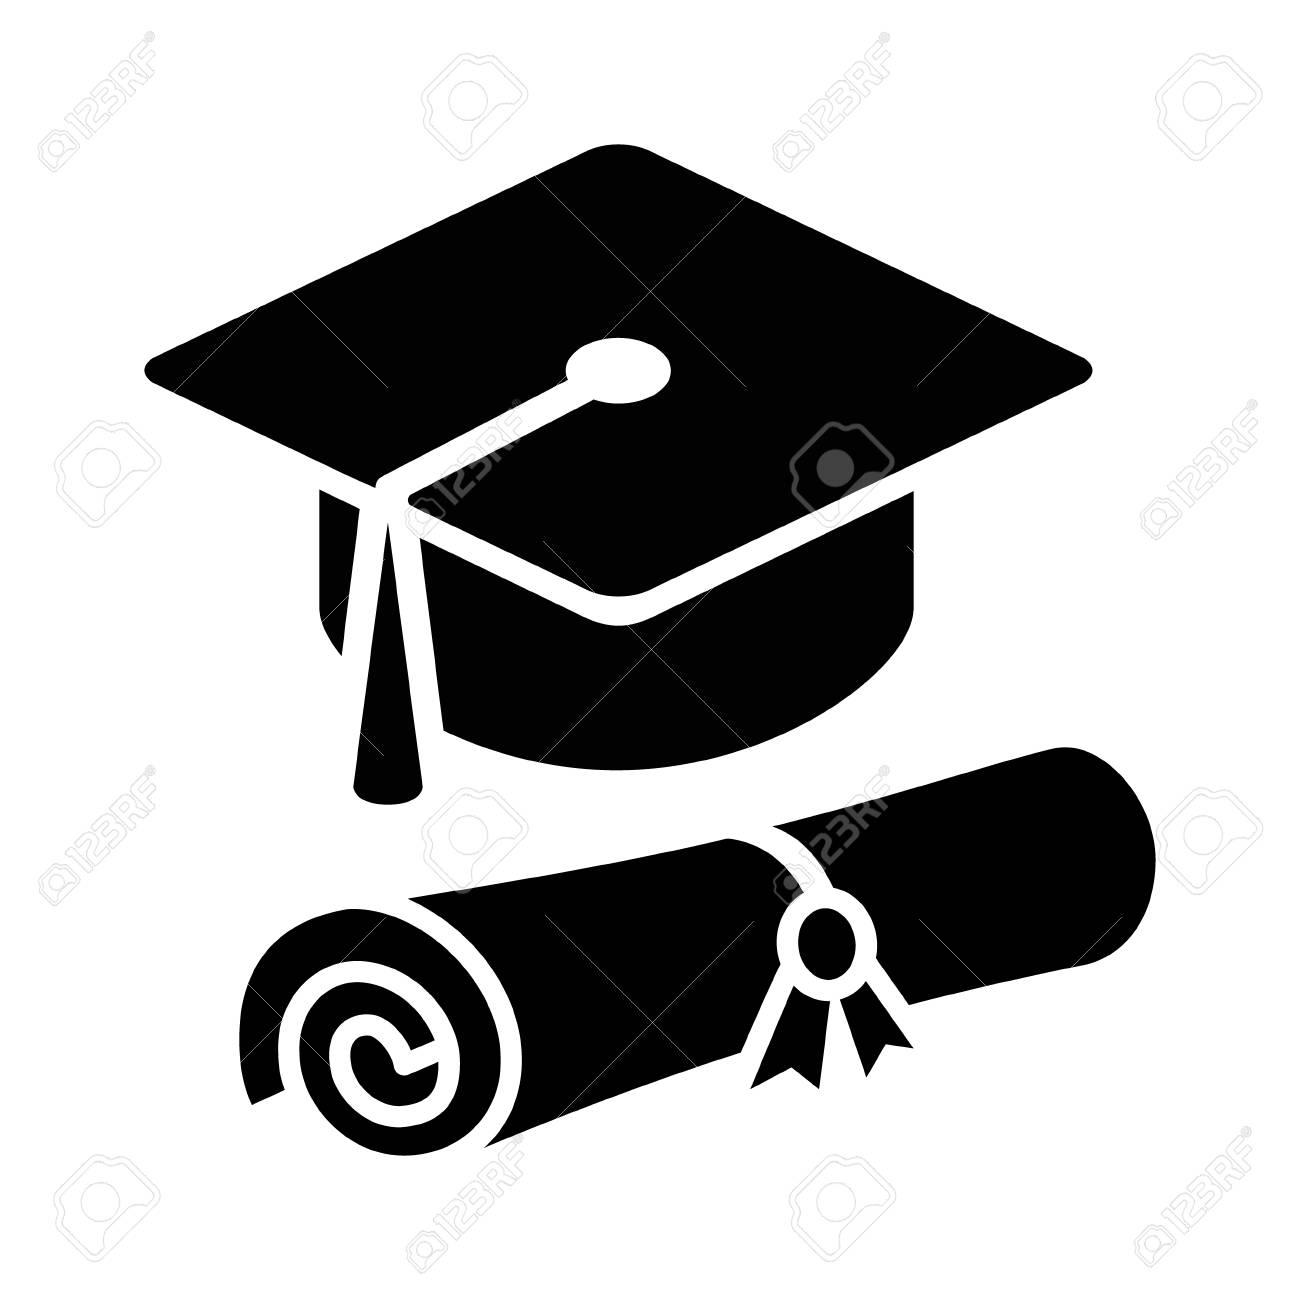 Foto de archivo - Sombrero gorro de graduación con el diploma icono plana  para aplicaciones y sitios web ed5370f4513